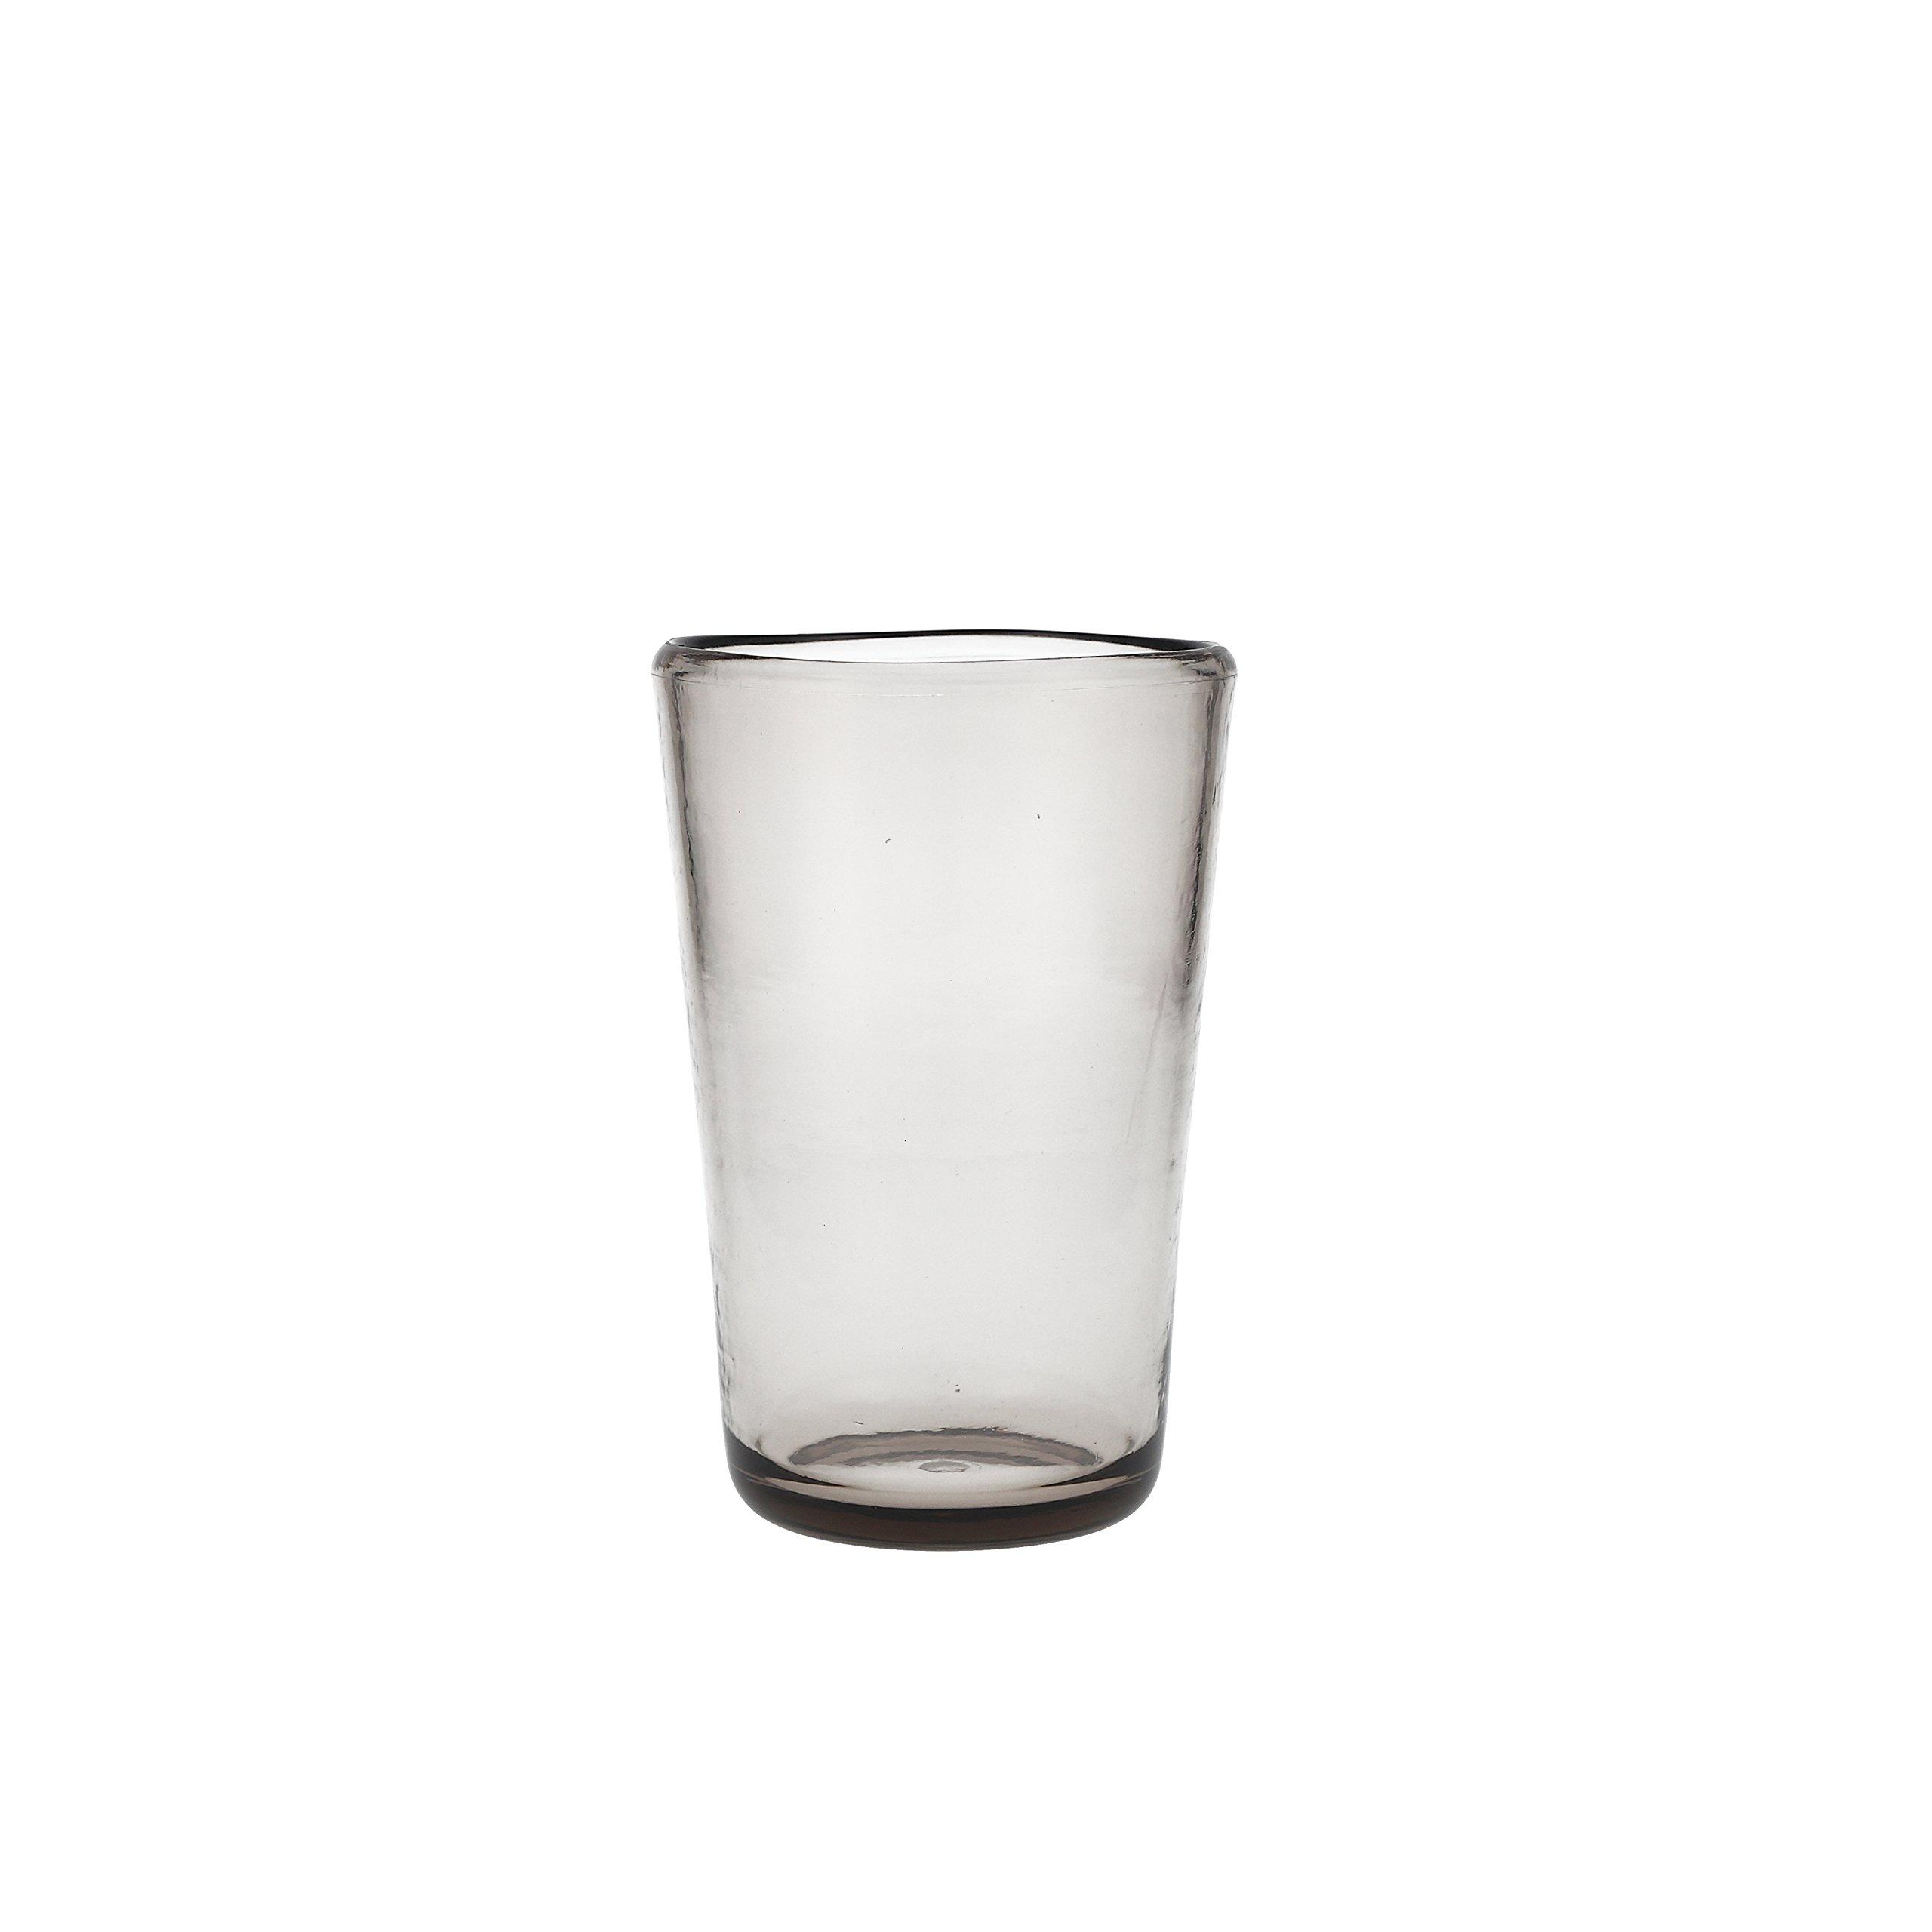 D&V Tritan Copolyester Veranda High Ball, 19 Ounce, Gray, Set of 12